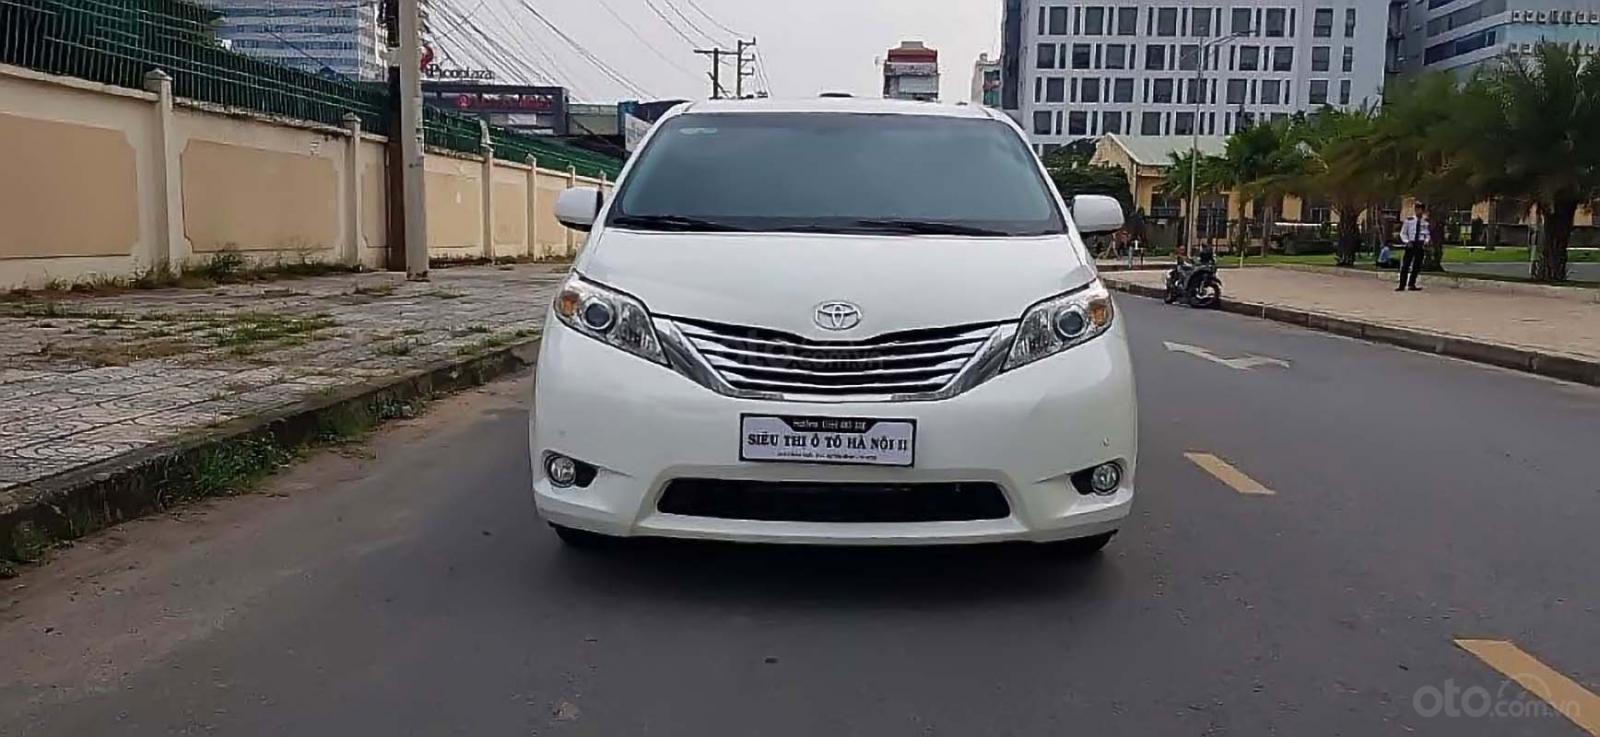 Bán xe Toyota Sienna Limited 3.5 2012, màu trắng, xe nhập (2)